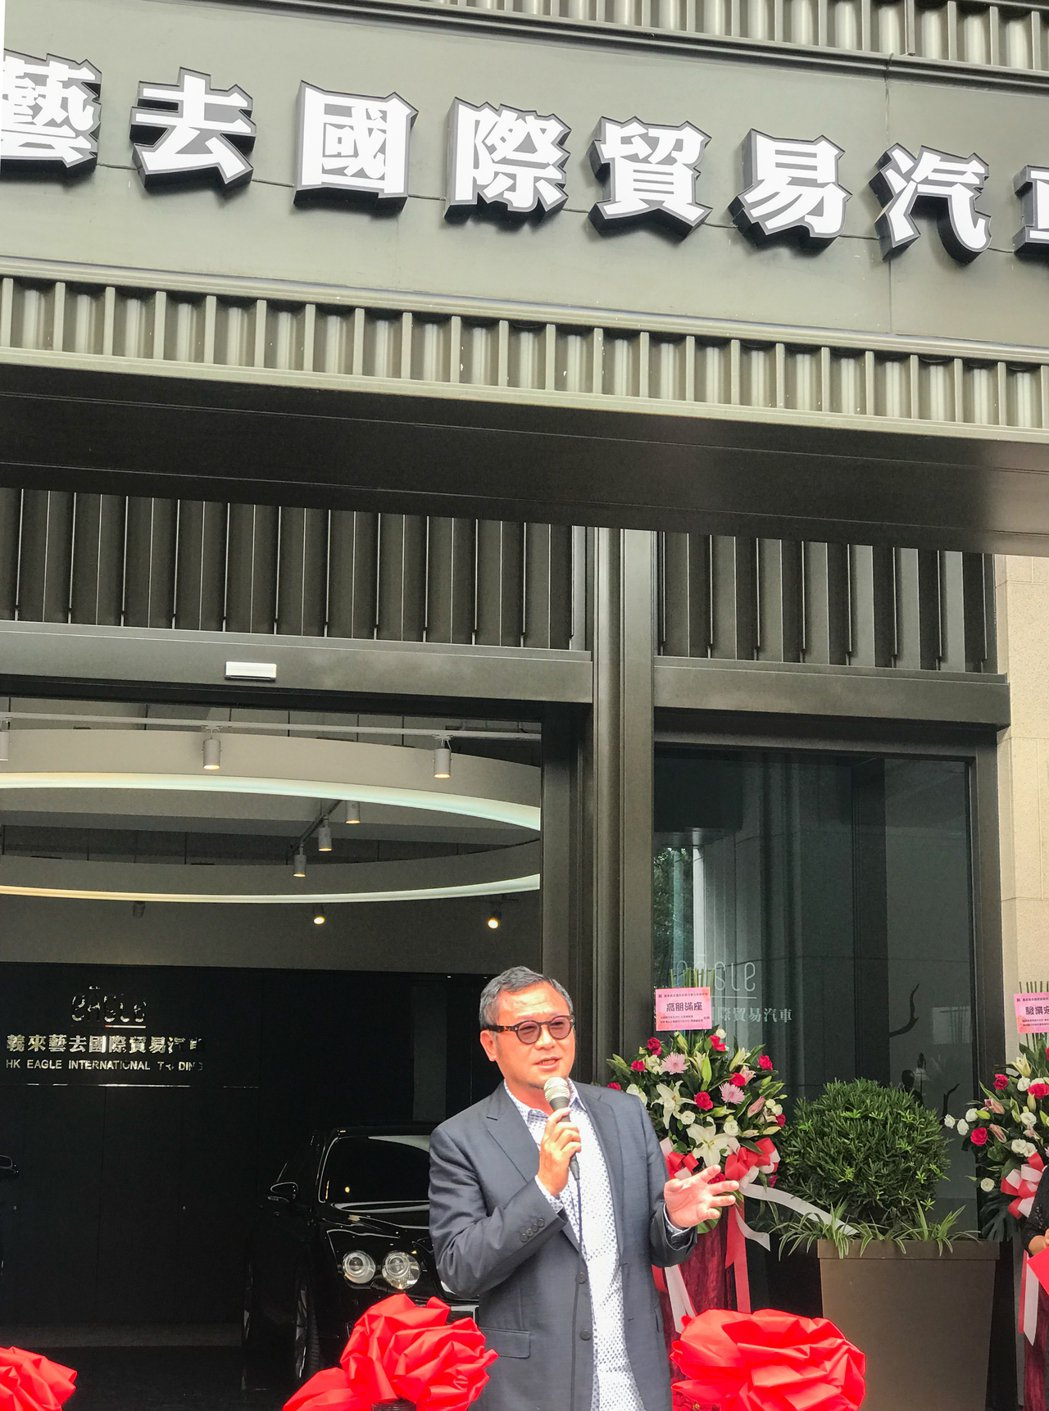 雄崗建設董事長林清吉歡迎大家常來藝術中心陶冶心靈。 攝影/張世雅